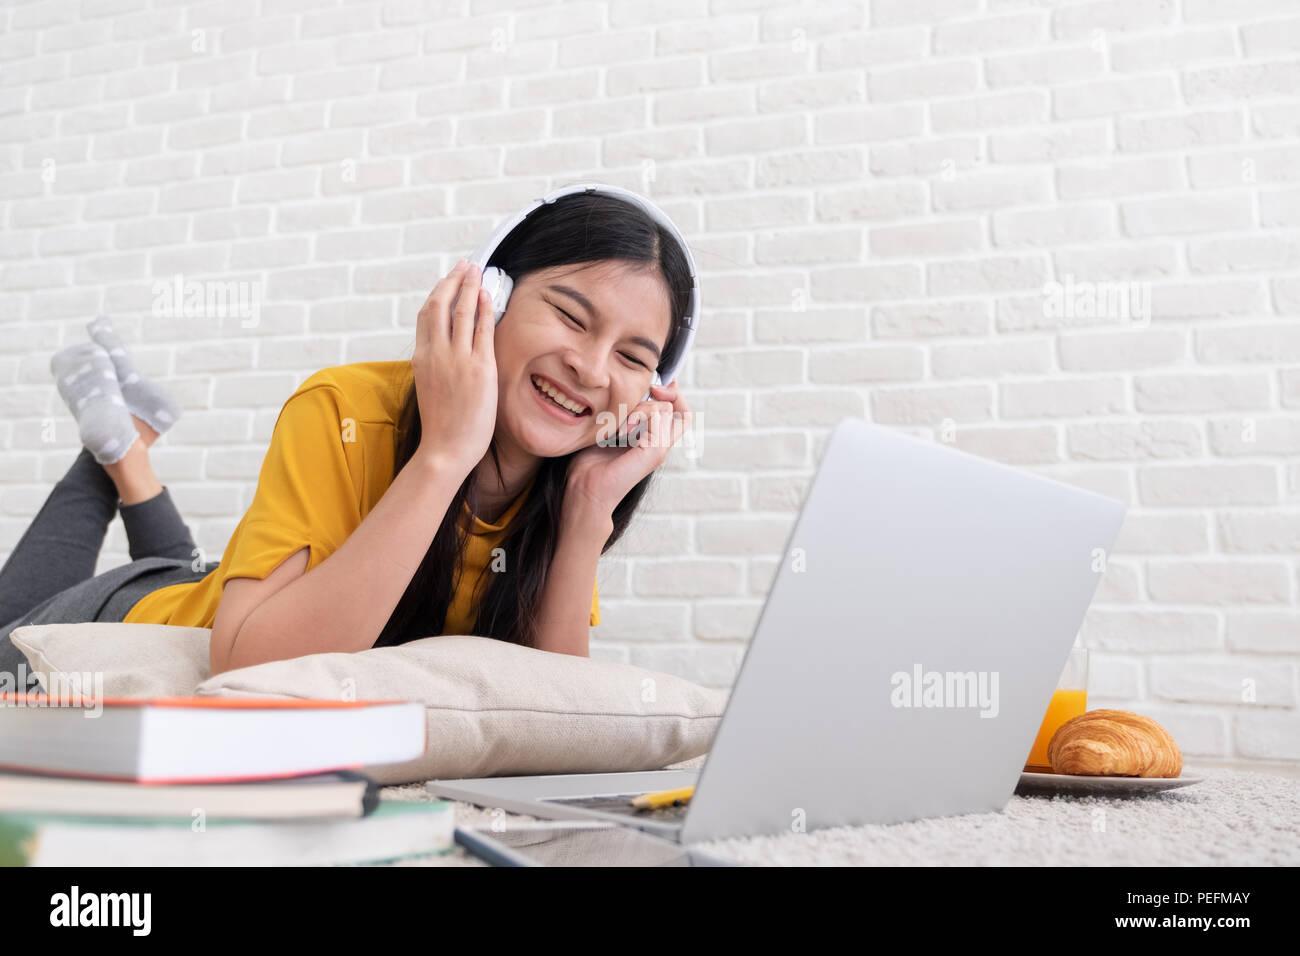 Asiatische Frau Musik hören und Laptop zu Hause zu arbeiten. Die Frau legte sich auf Teppich an der Wand. online arbeiten Lifestyle Stockbild